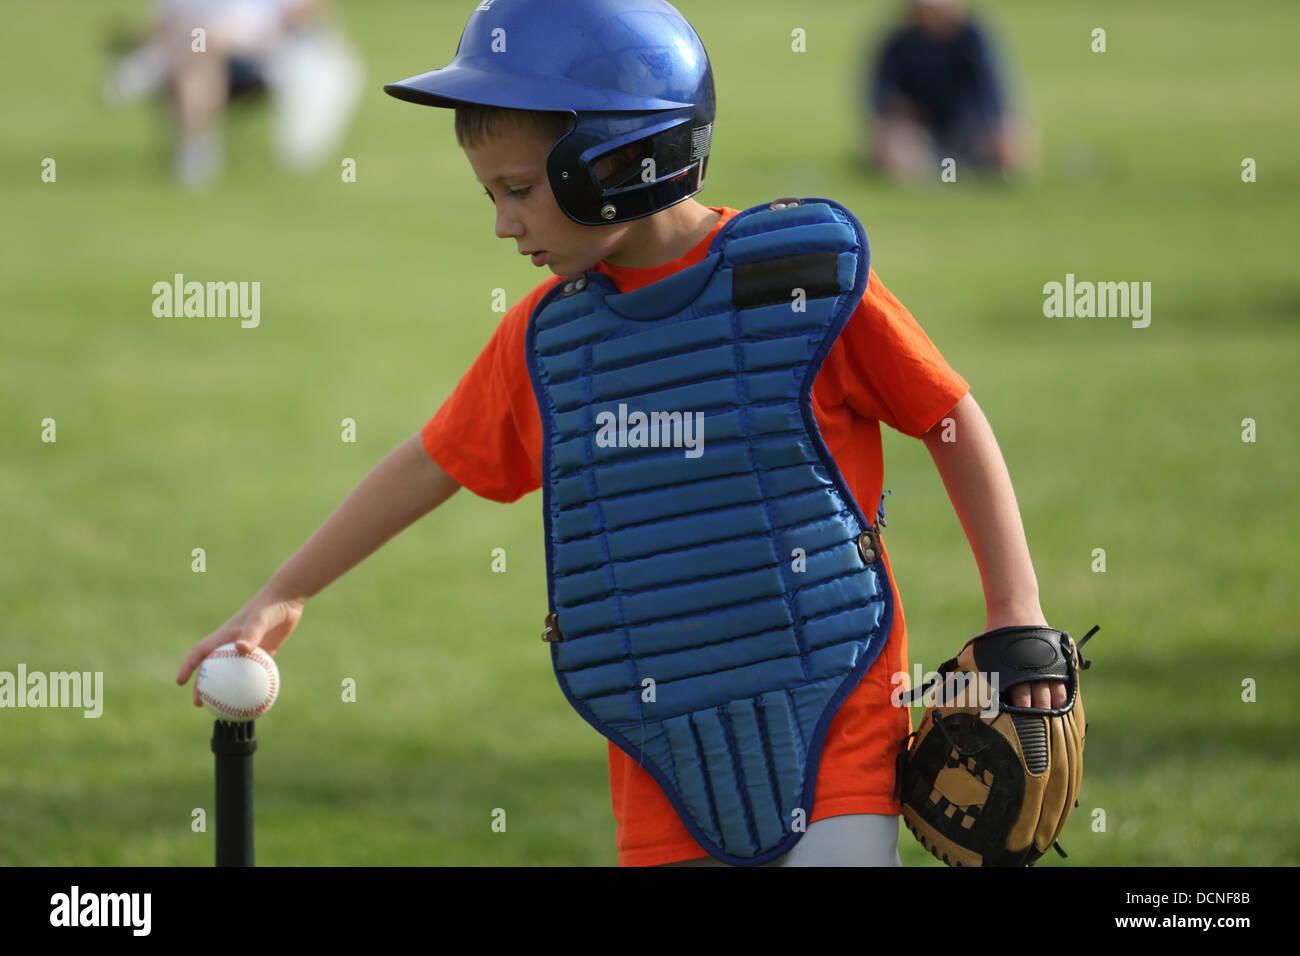 Kleiner Junge stellt Baseball am Abschlag Stockbild